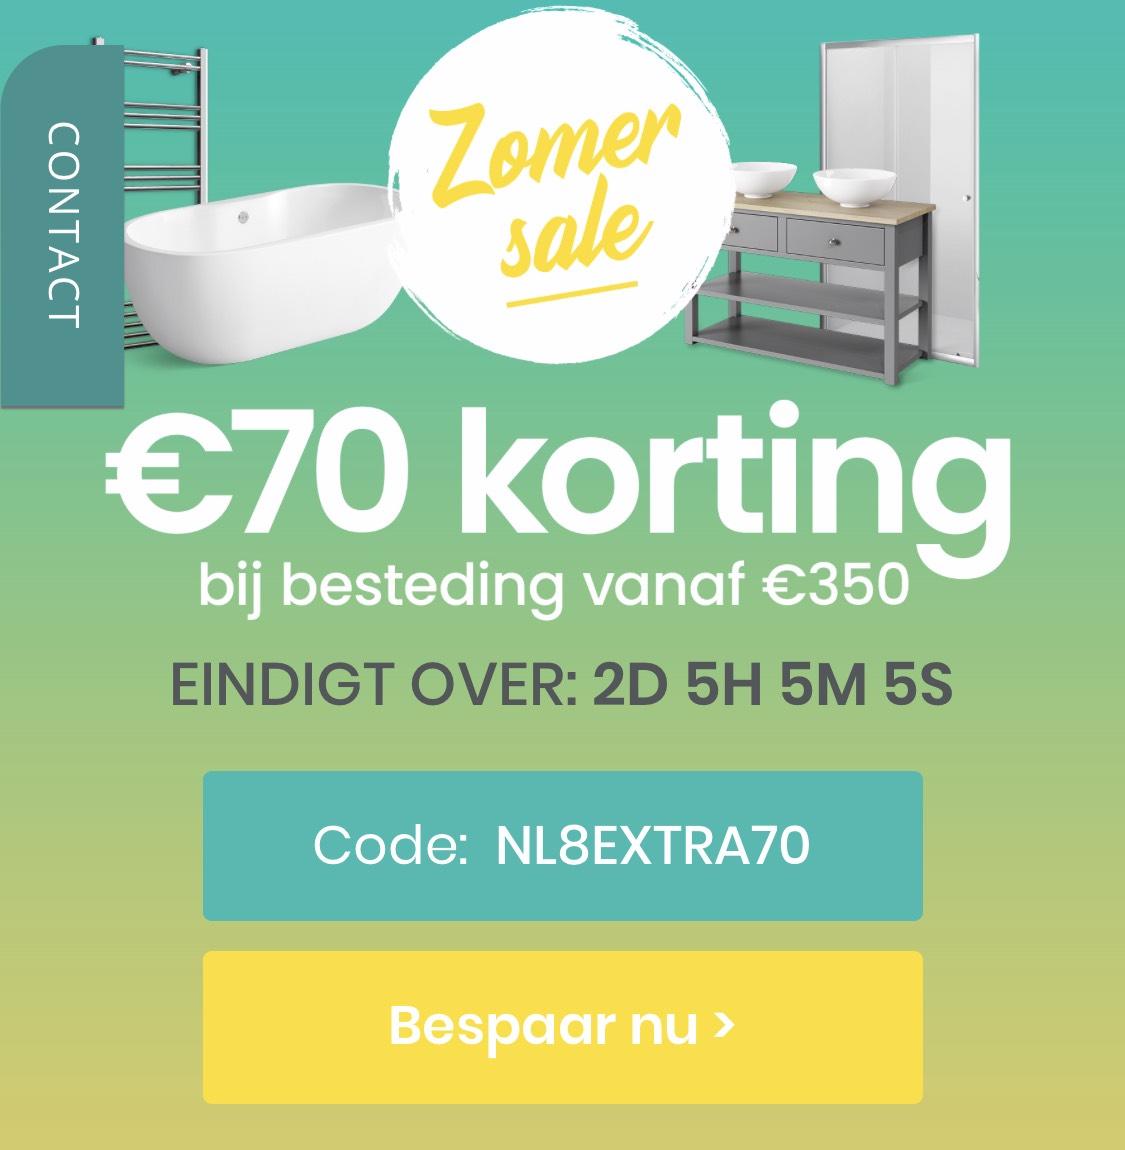 €70 korting bij €350, ook op afgeprijsde producten